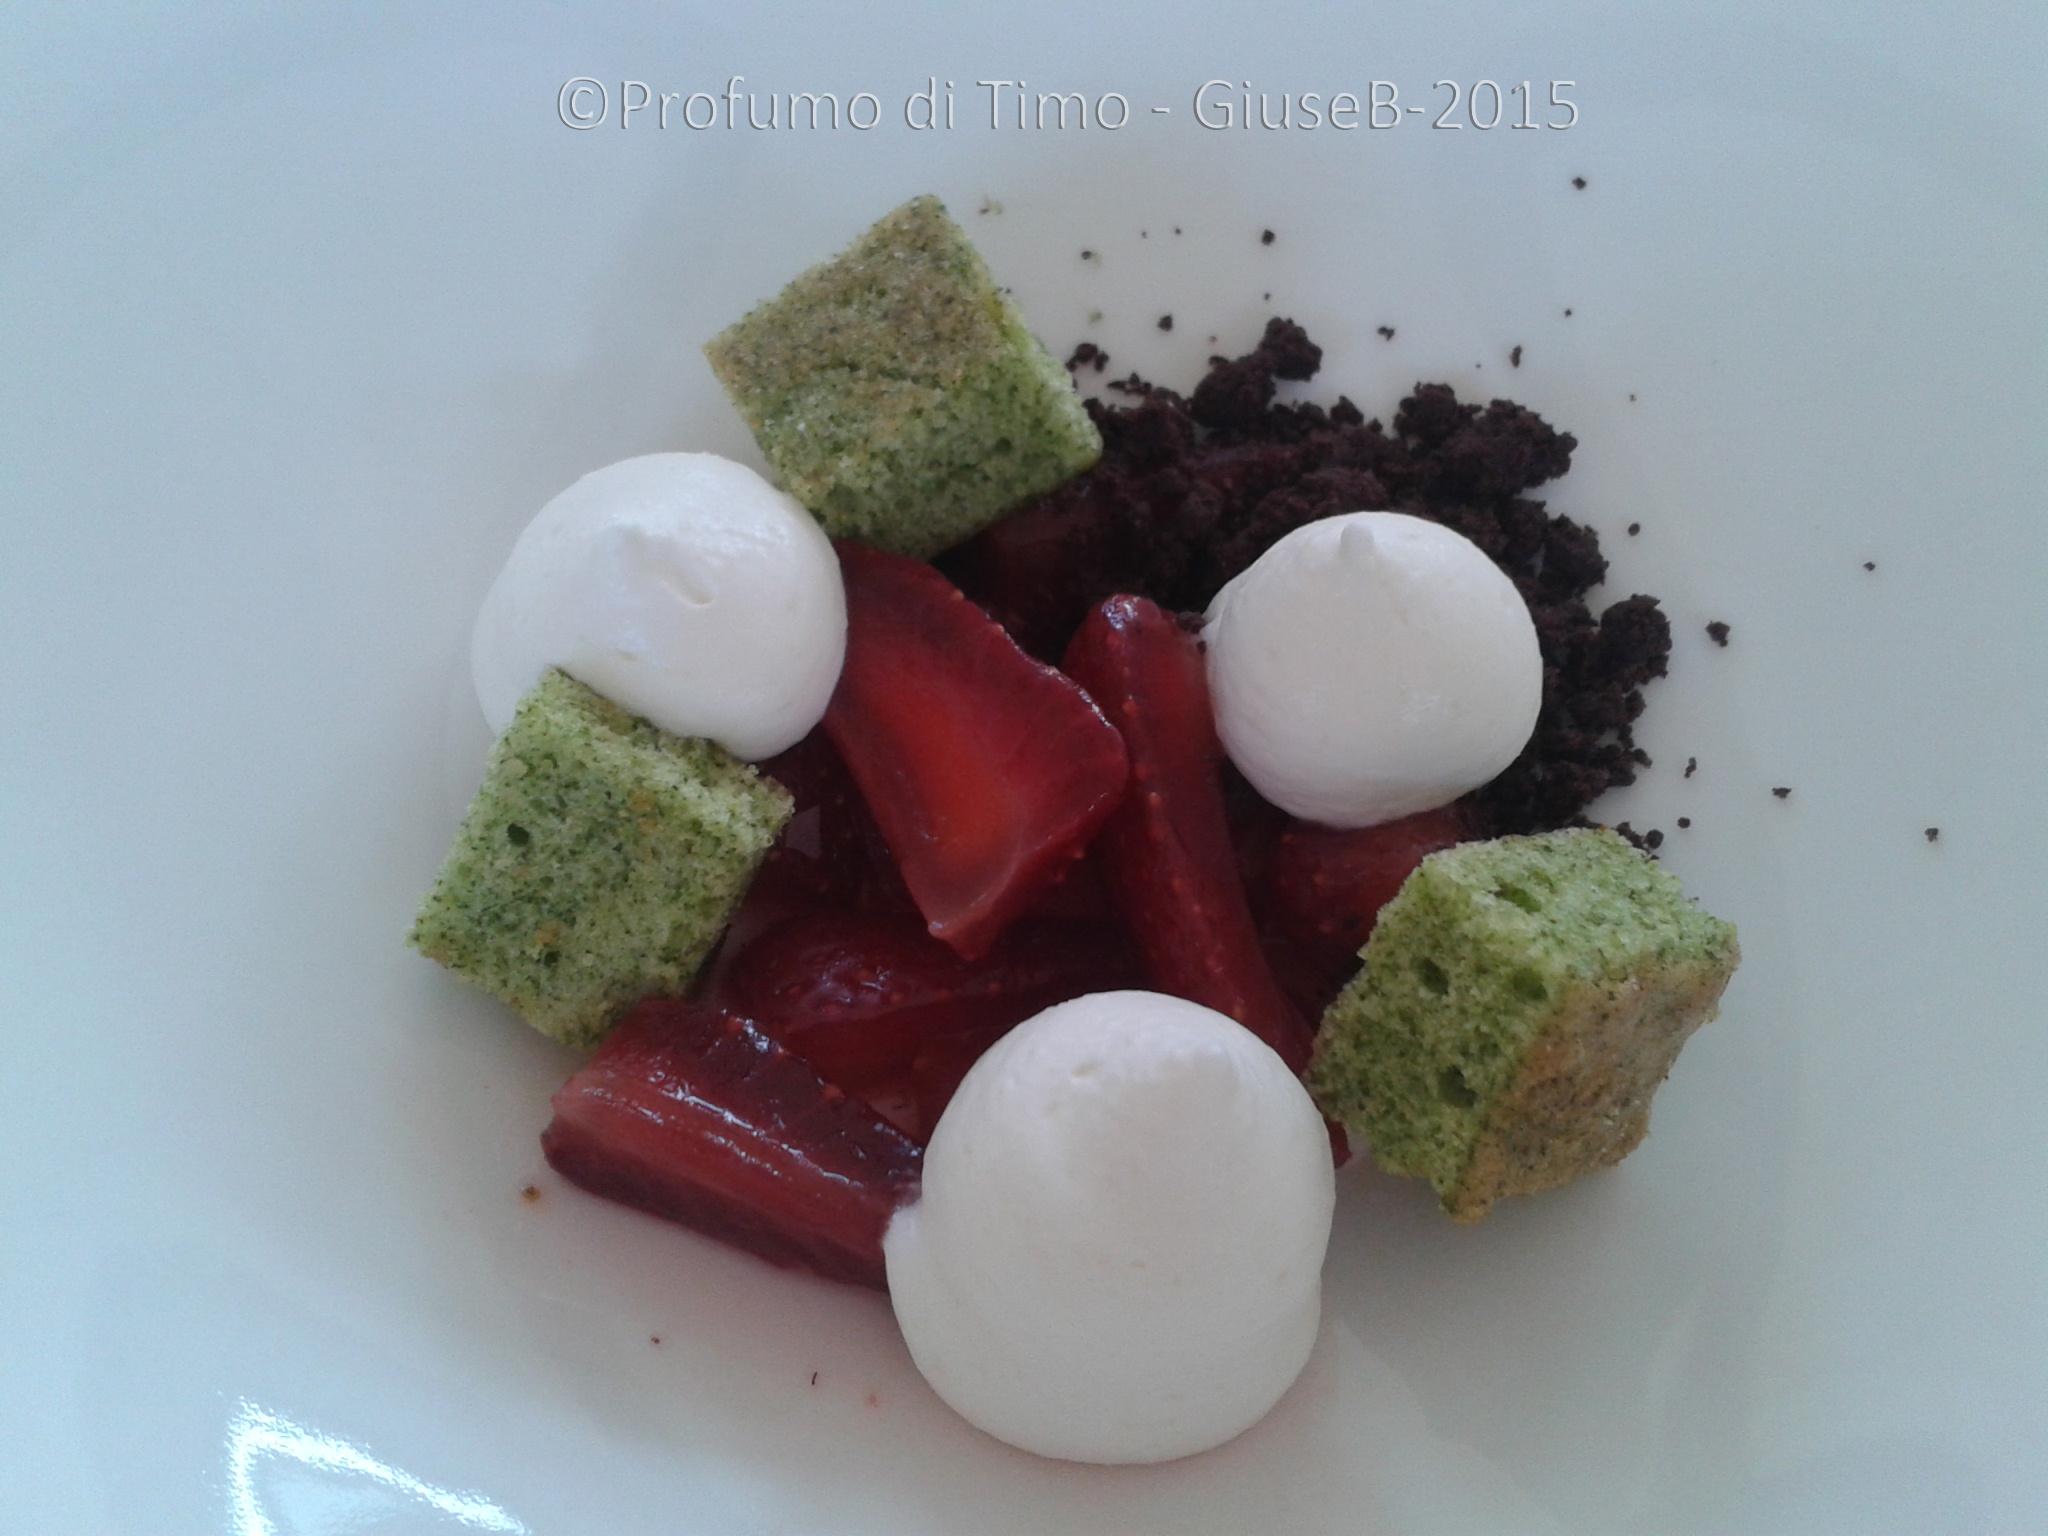 fragole crumble al cioccolato biscotto alla polvere di sedano ganache al cioccolato bianco e parmigiano